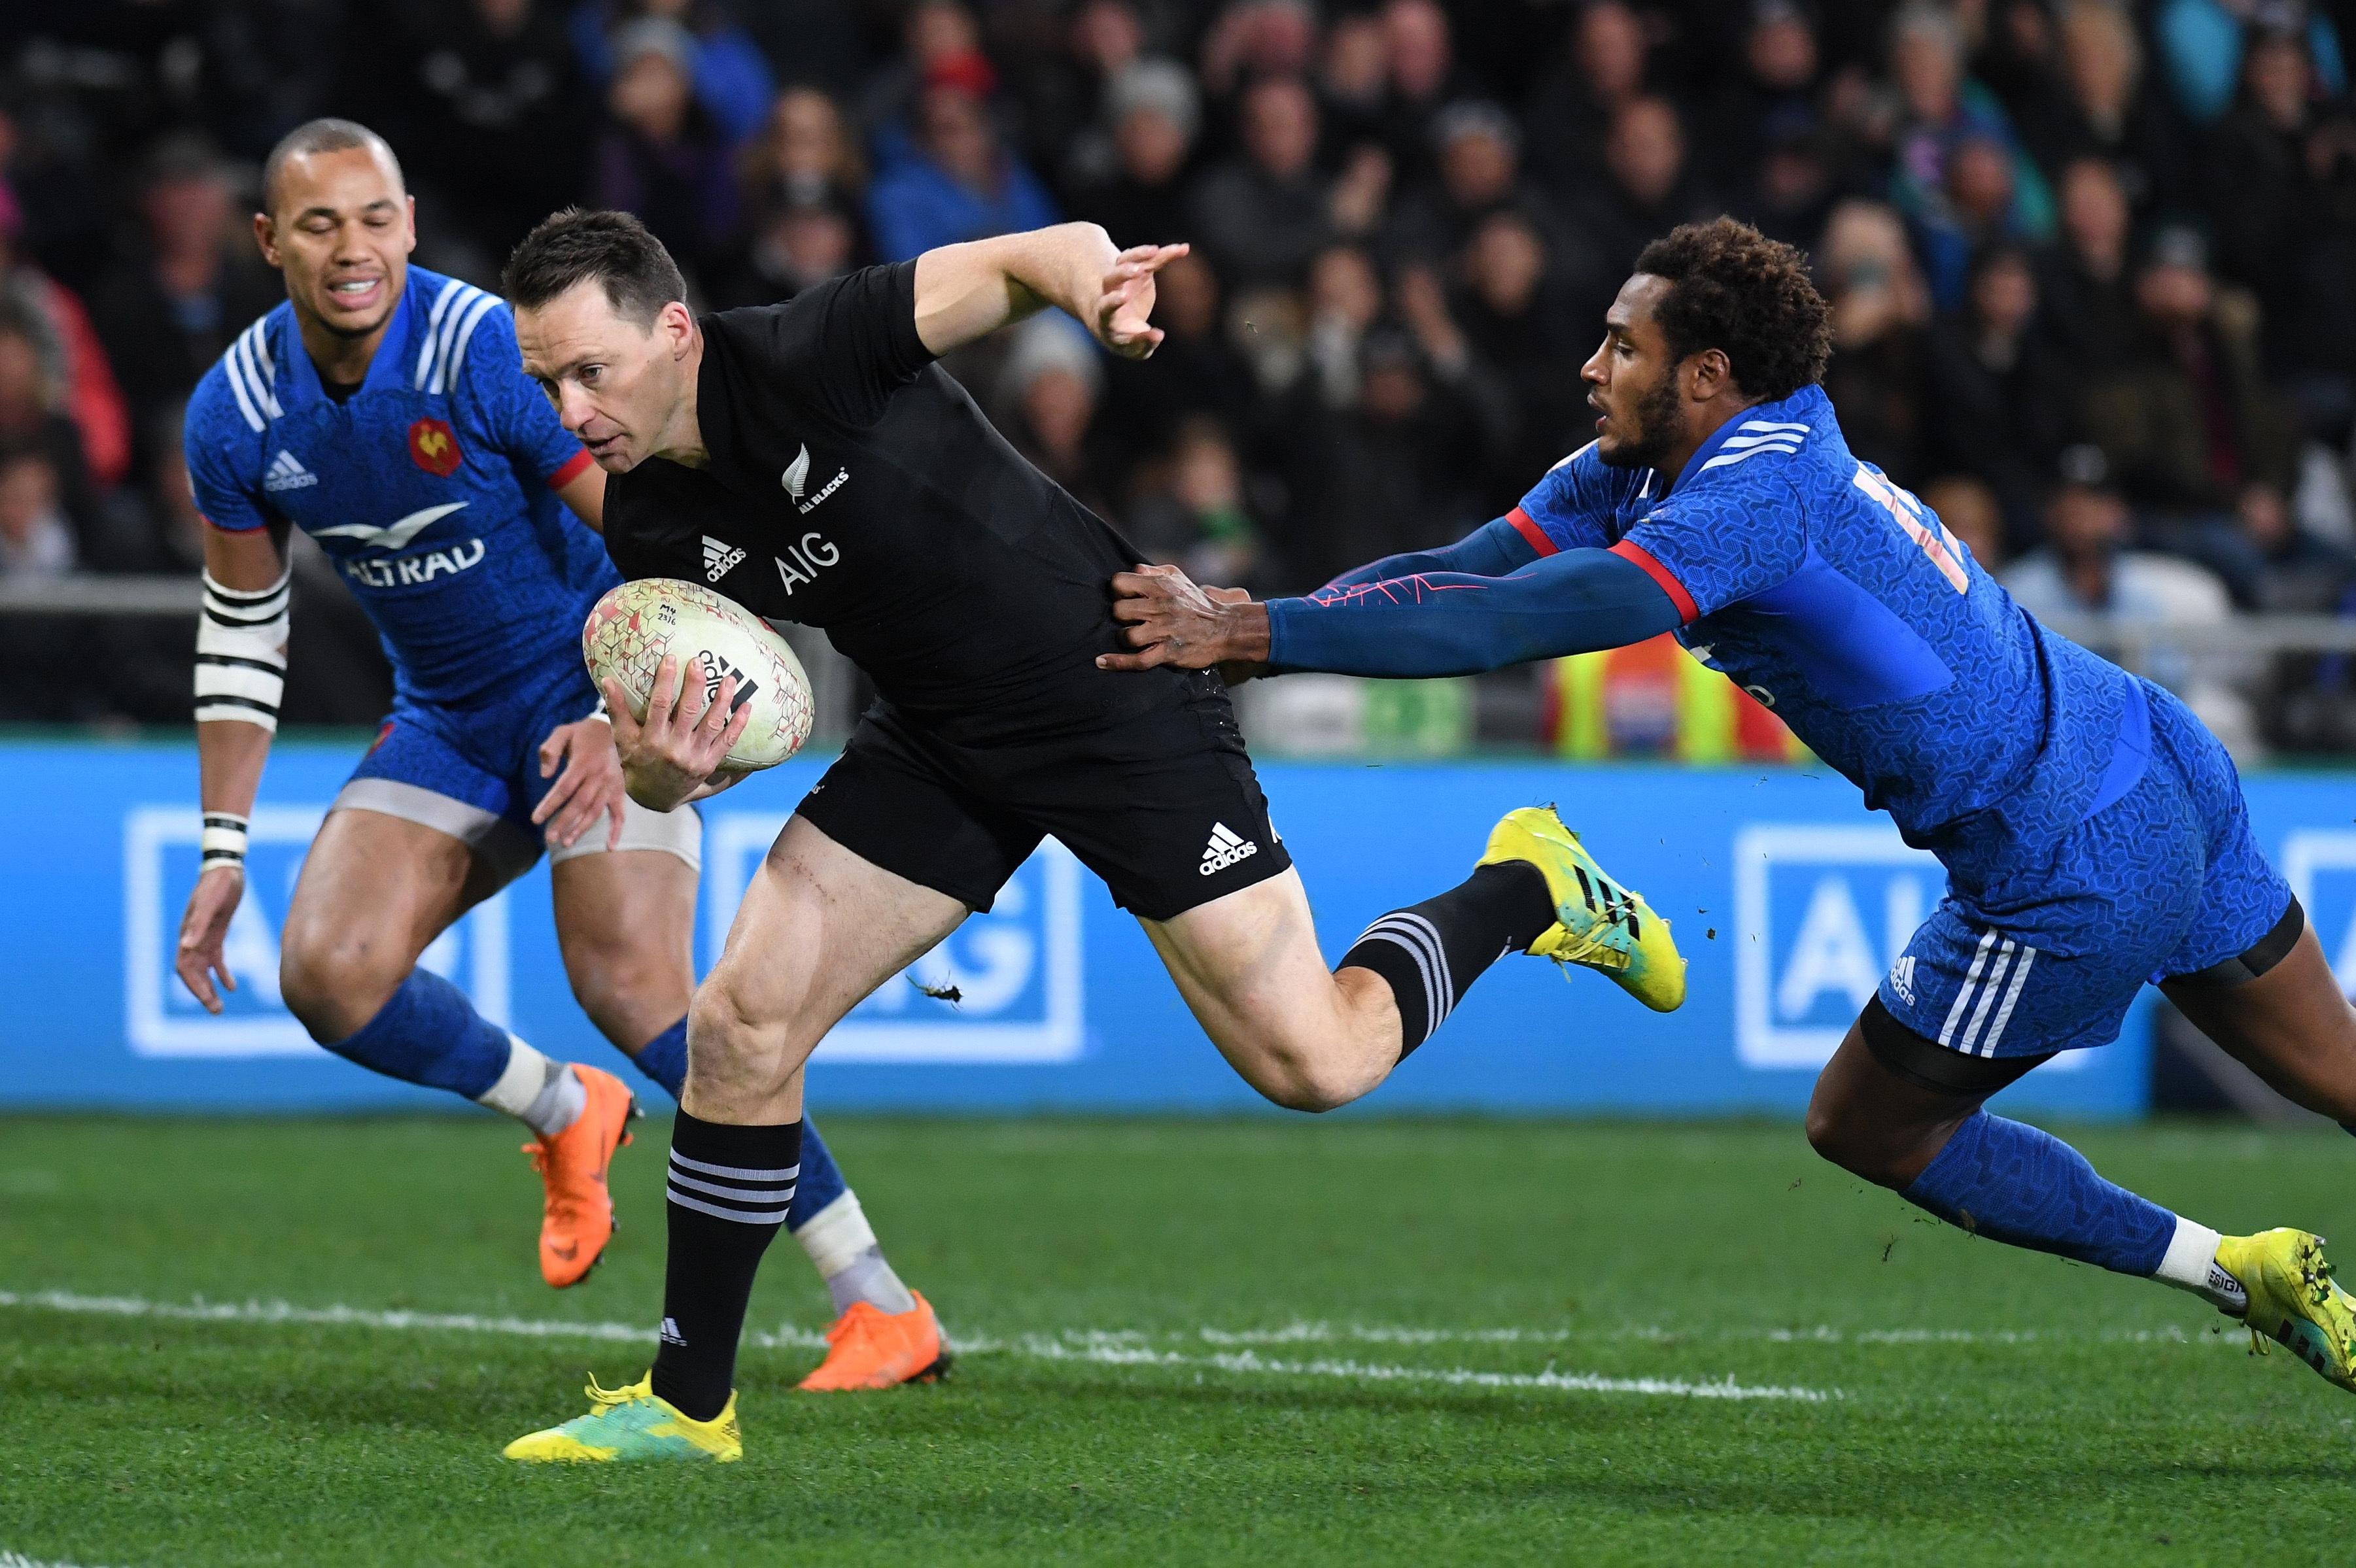 Rugby - XV de France - Un XV de France toujours très loin des meilleurs